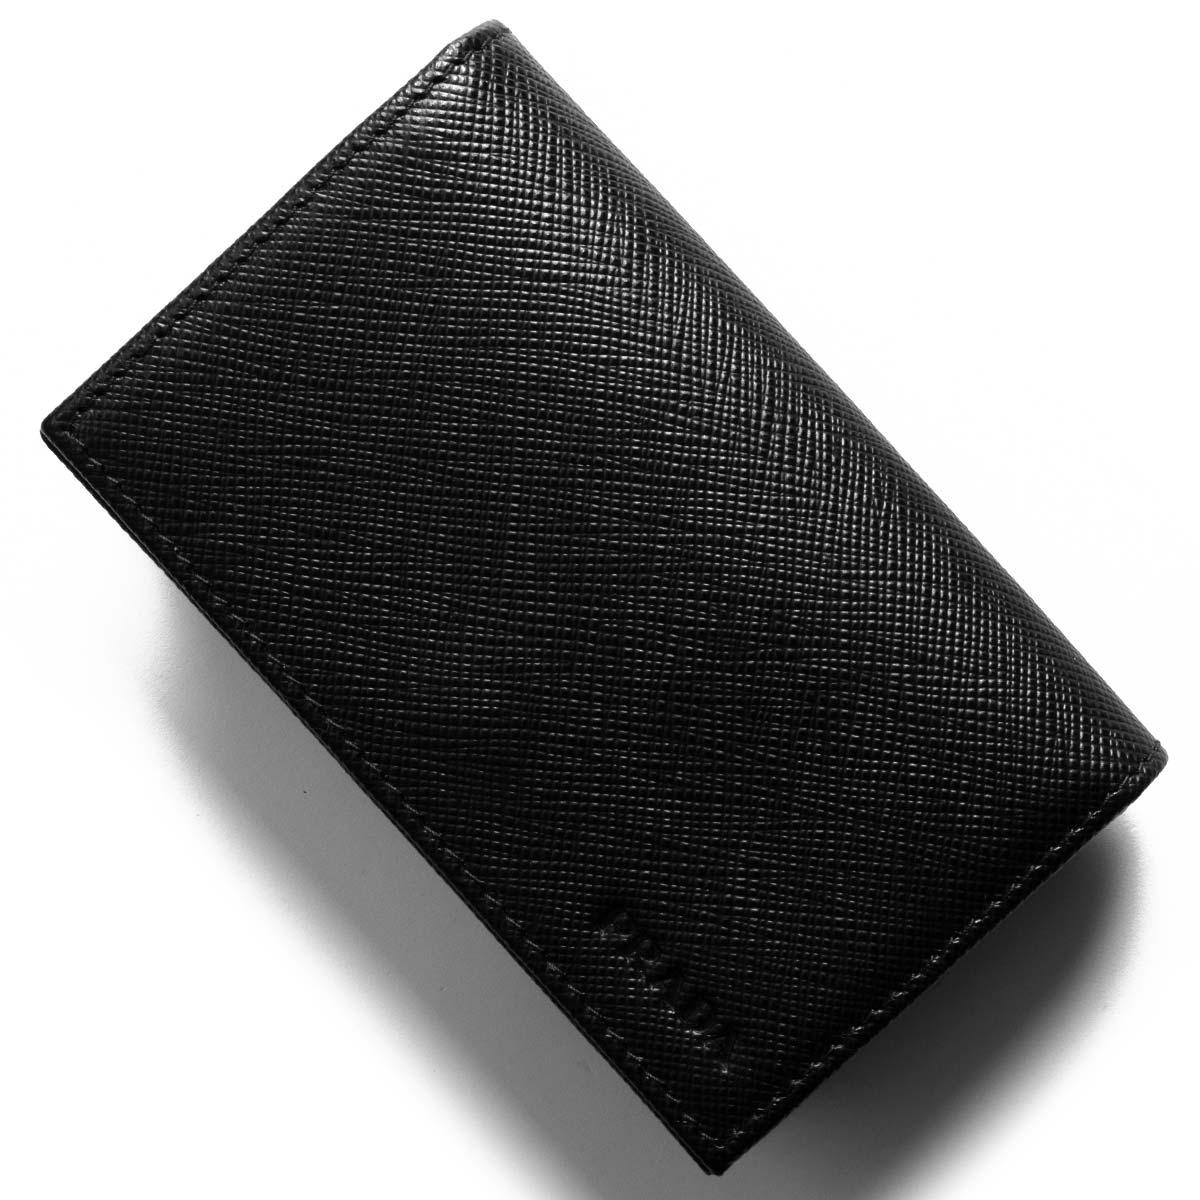 プラダ カードケース メンズ レディース サフィアーノ ブラック 2MC122 PN9 F0002 PRADA